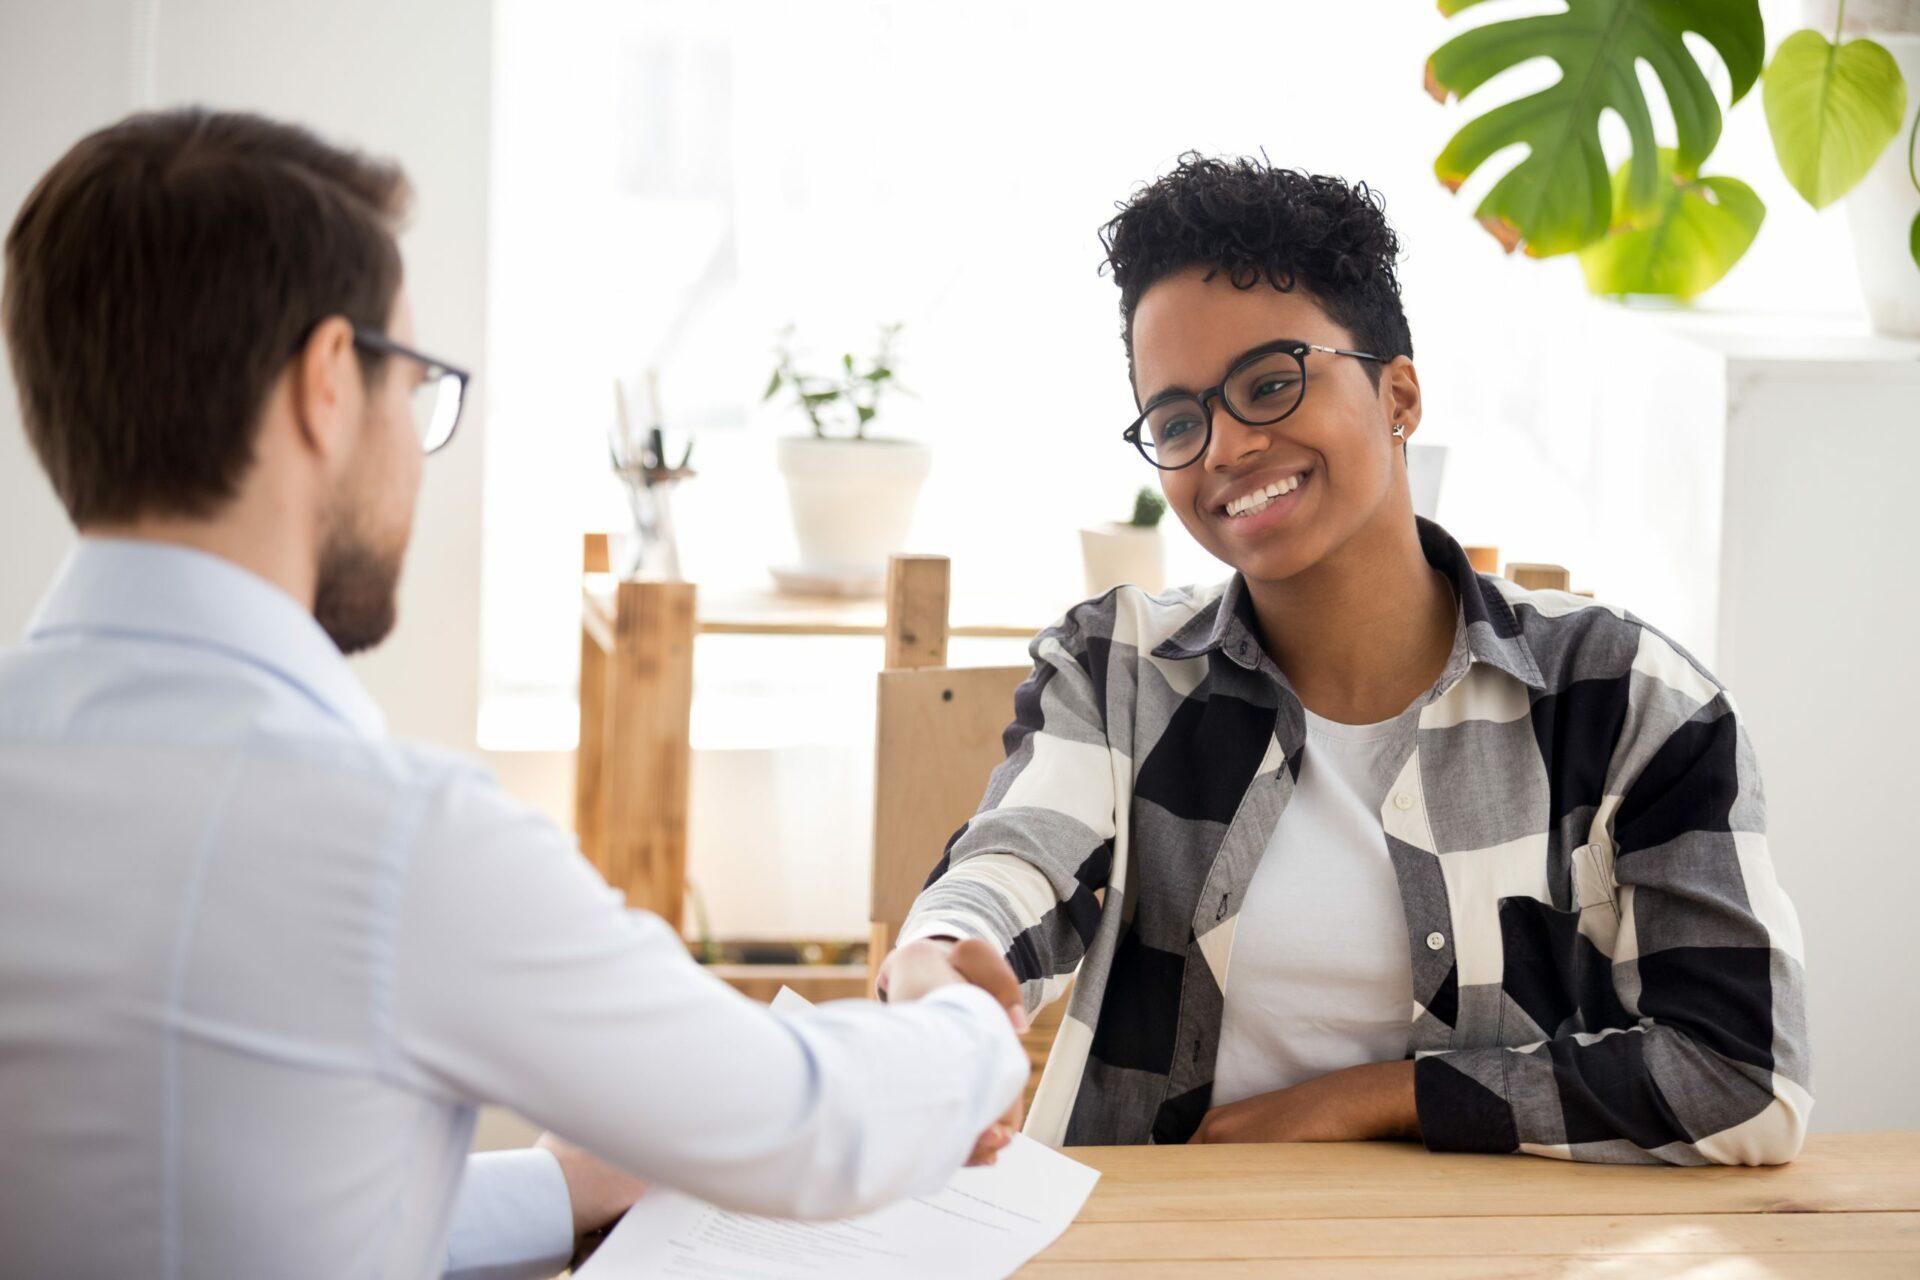 13 dicas sobre como passar uma entrevista de trabalho